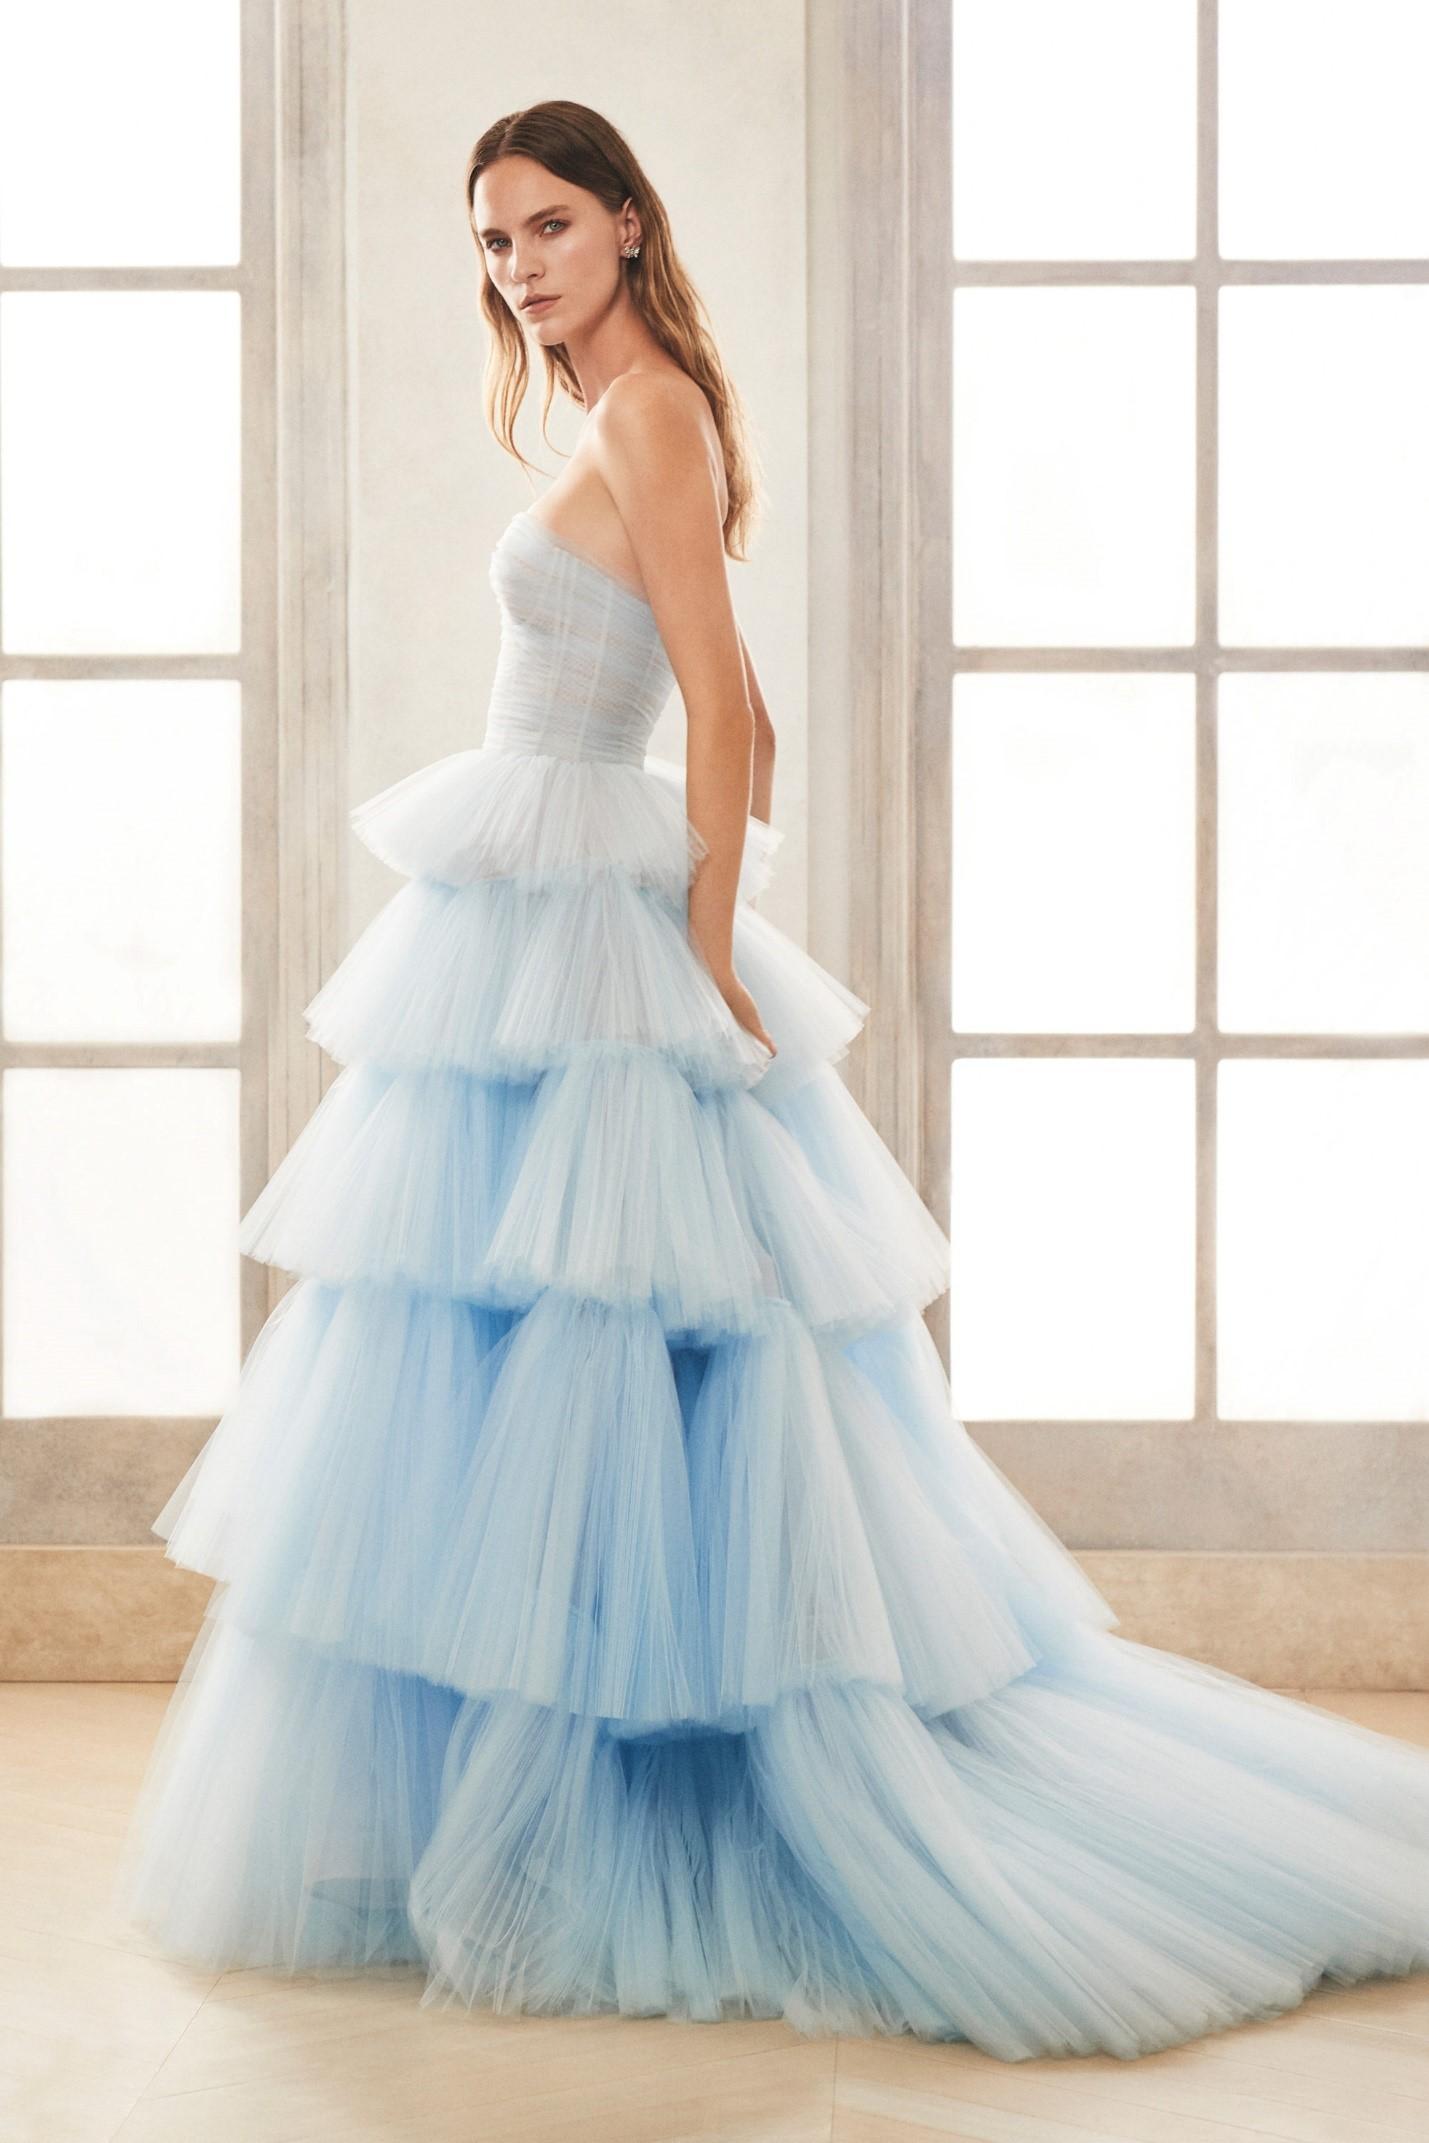 Свадебная мода: в чём выходить замуж в 2021 году